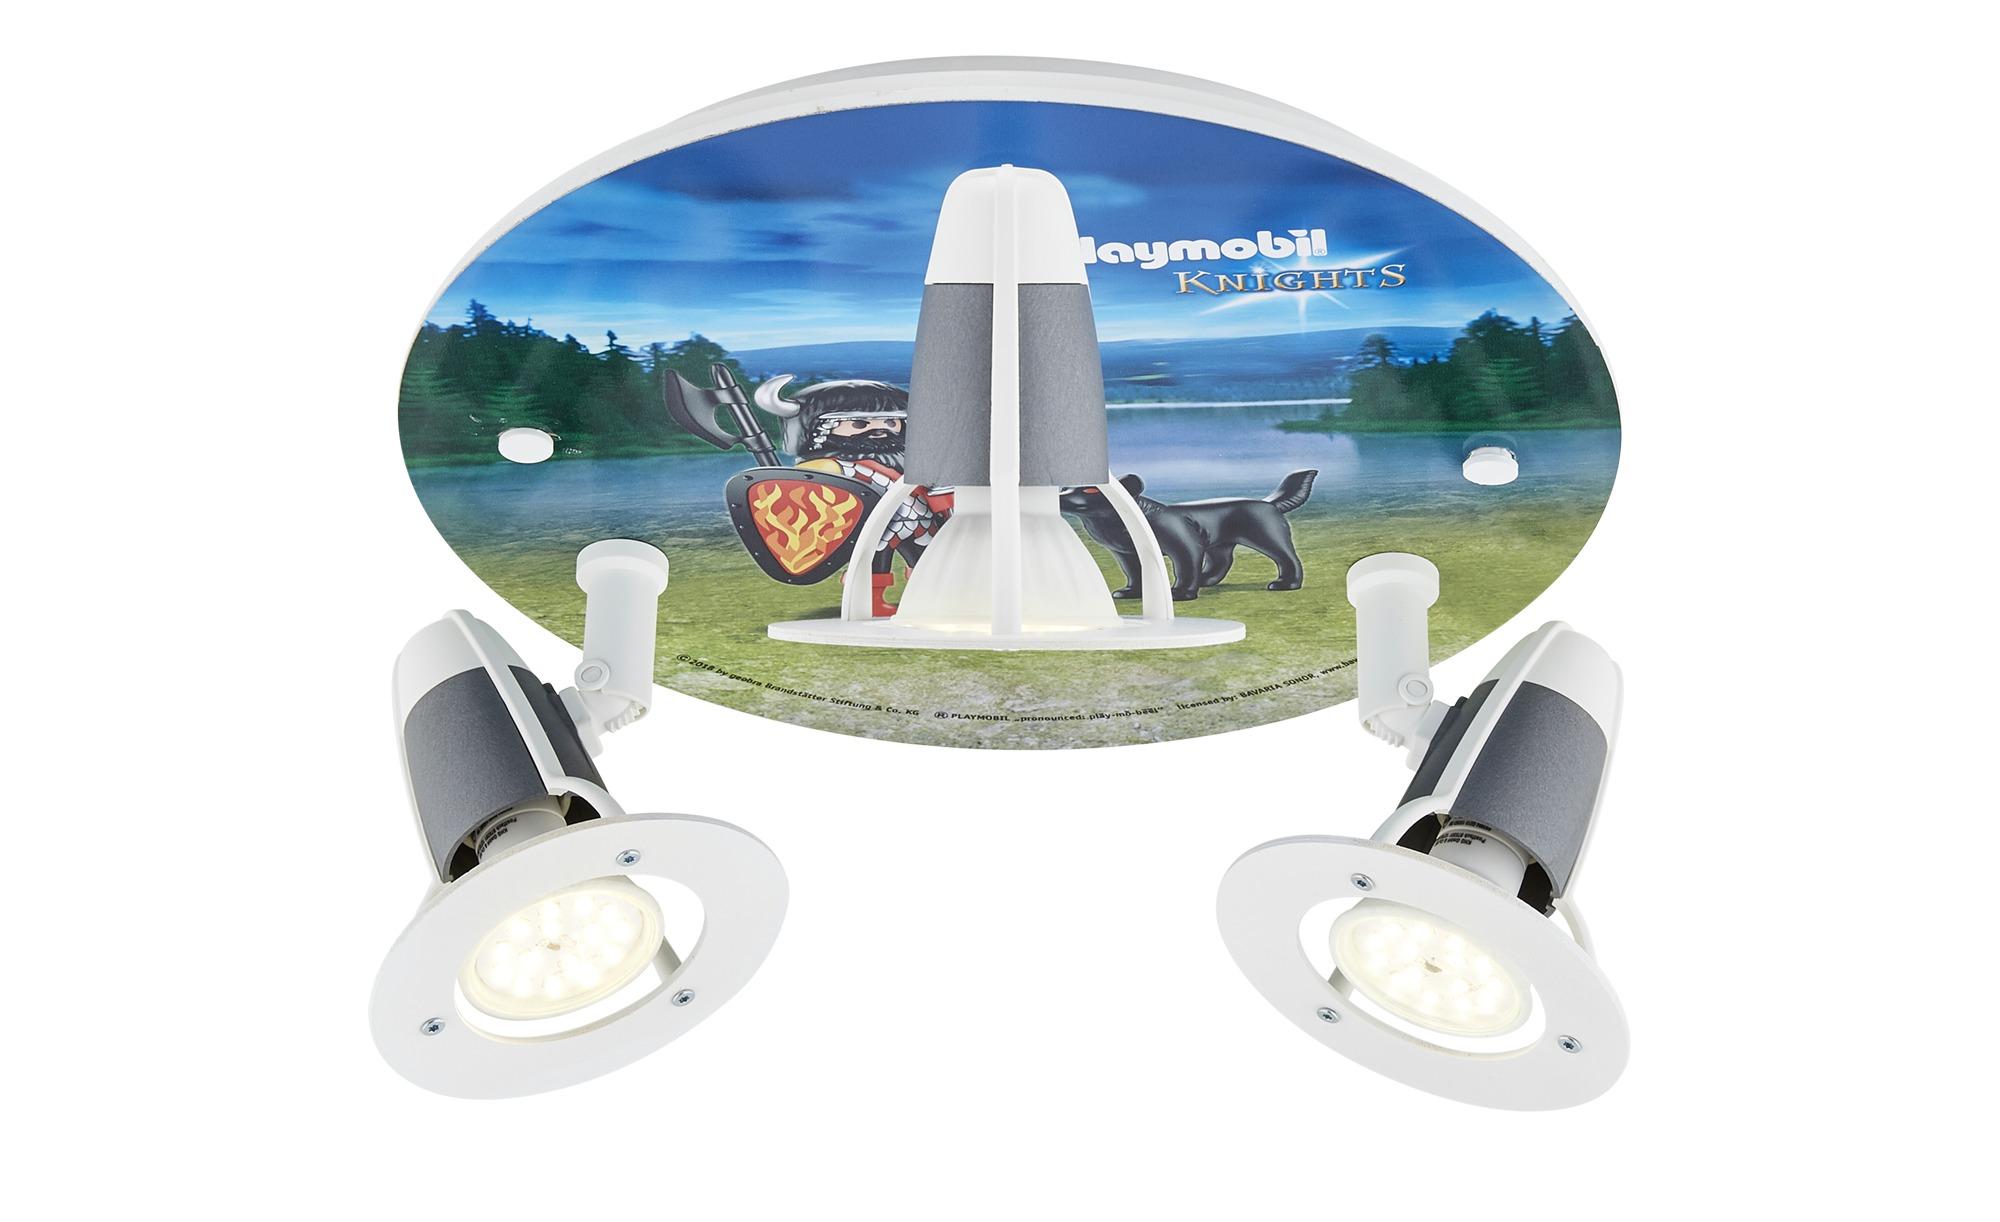 Playmobil Deckenleuchte, 3-flammig, Playmobil Knights´ ¦ blau ¦ Maße (cm): H: 20 Ø: 30 Lampen & Leuchten > Innenleuchten > Deckenleuchten - Höffner